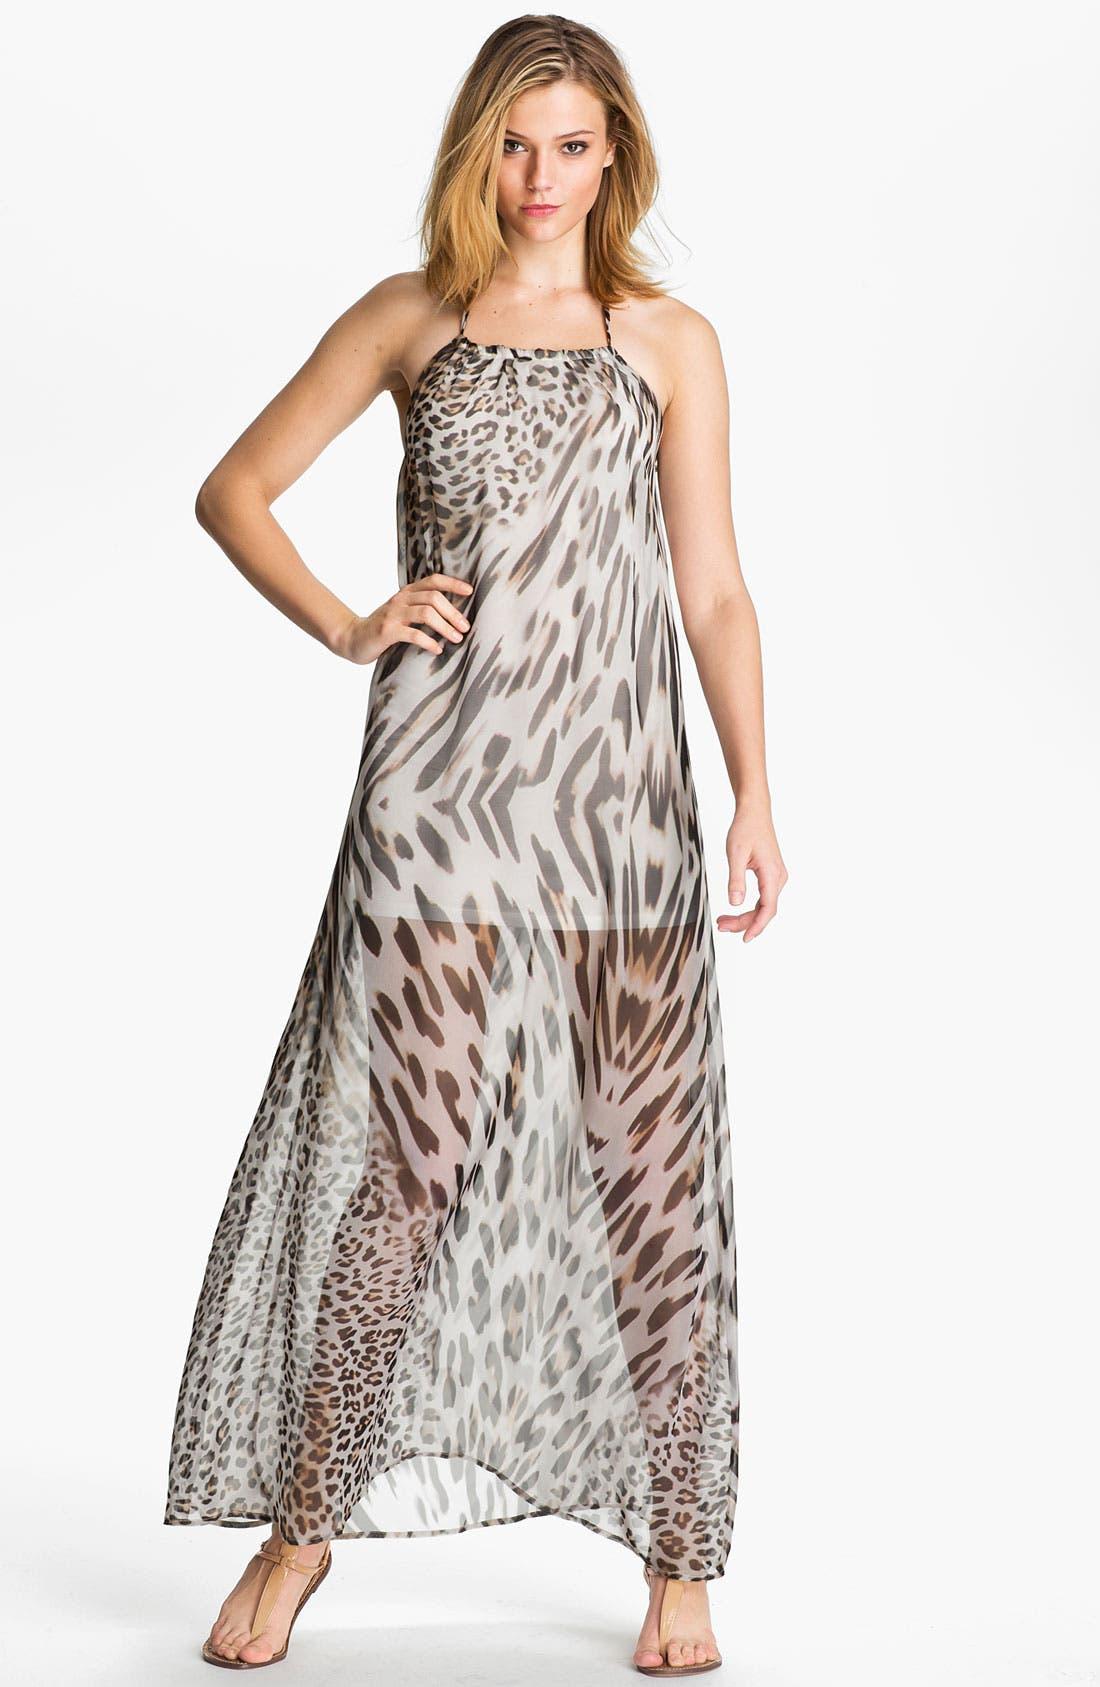 Main Image - Young, Fabulous & Broke 'Gila' Leopard Chiffon Maxi Dress